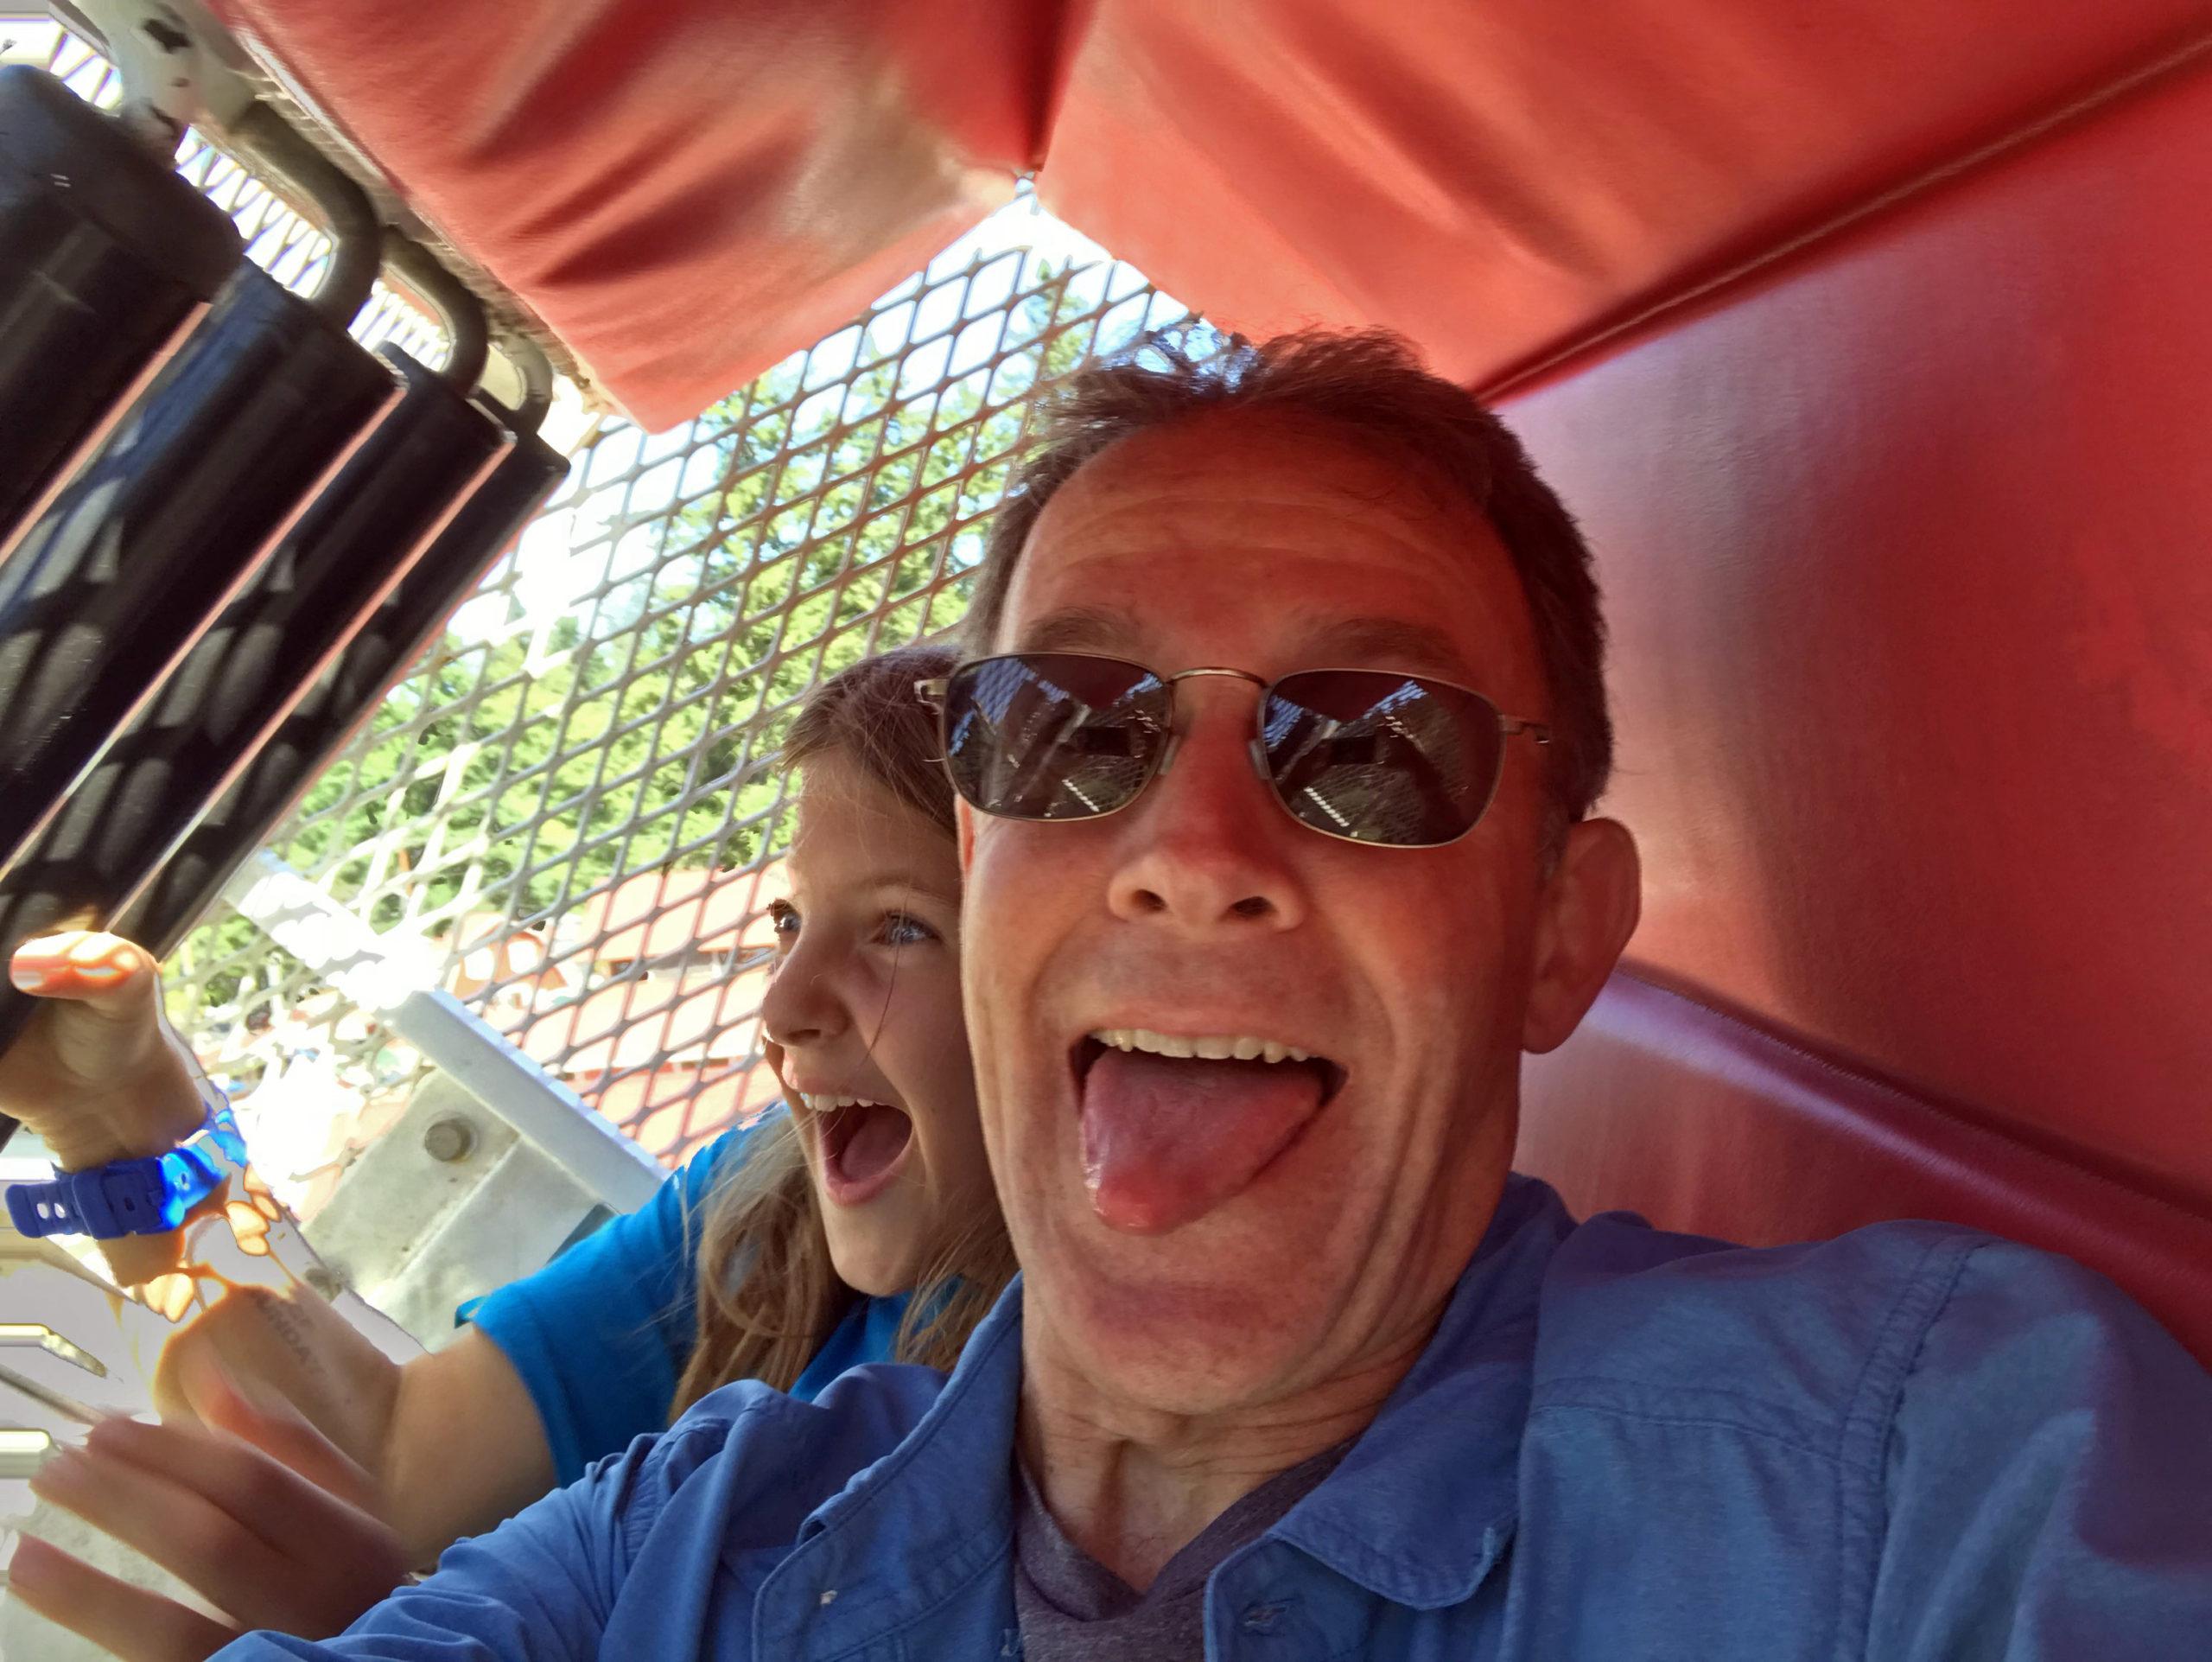 Zipper ride at Whidbey Island Fair